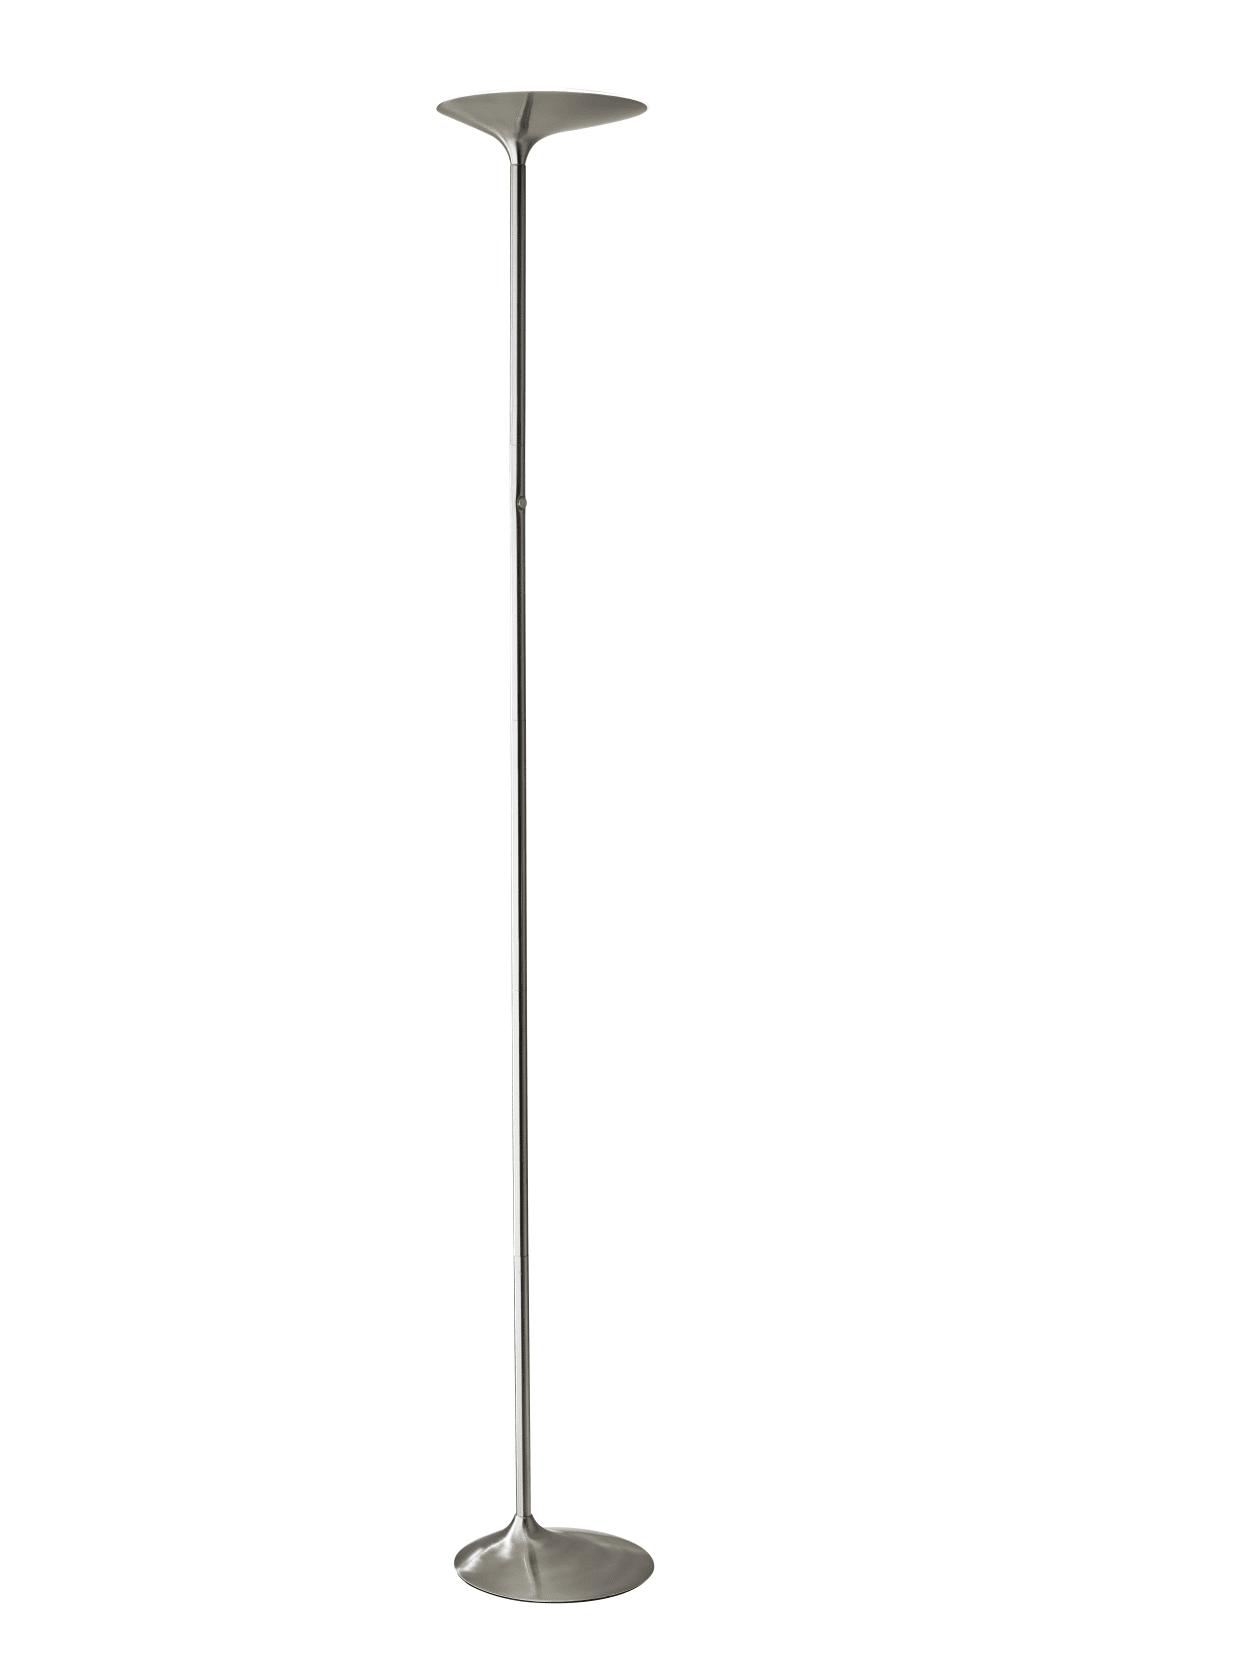 Image of: Adesso Kepler Led Torchiere Floor Lamp 70 12 H Brushed Steel Shadebrushed Steel Base Office Depot